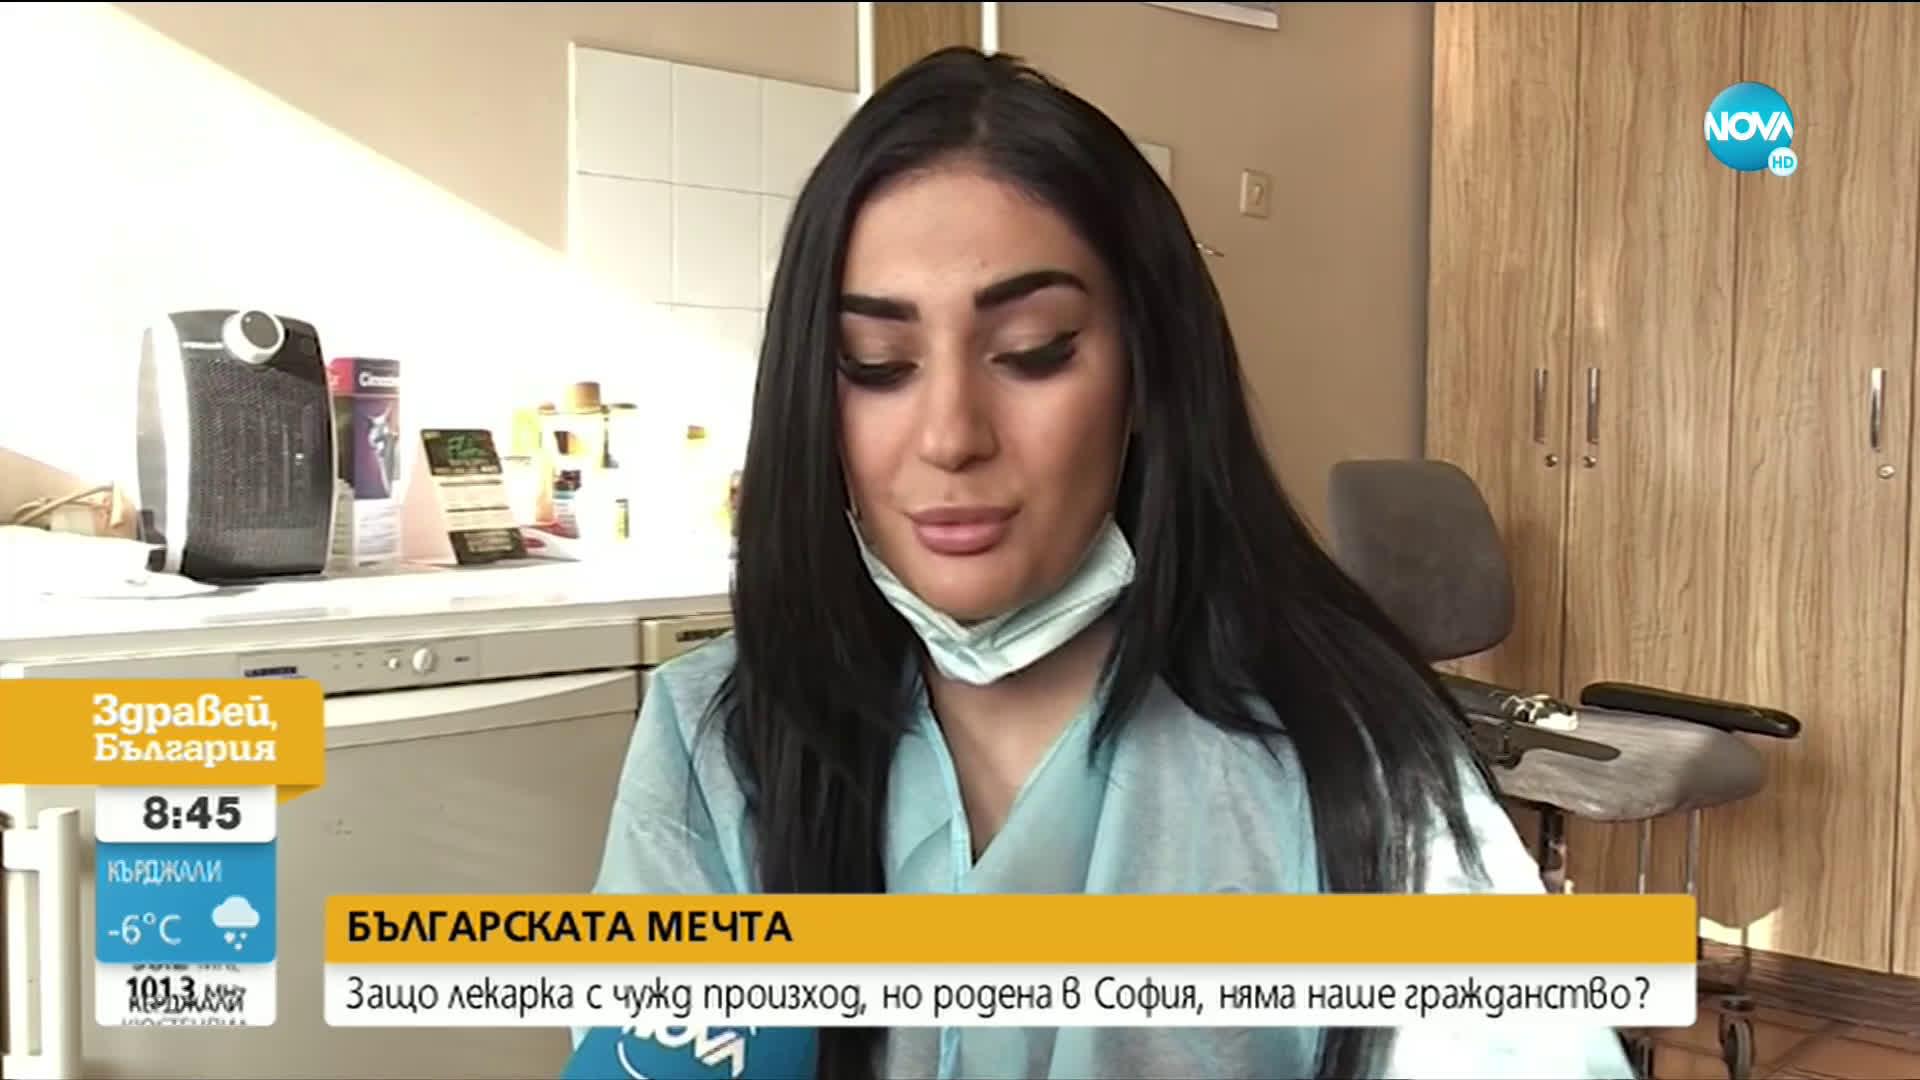 Защо лекарка със сирийски произход,но родена в София, няма българско гражданство?